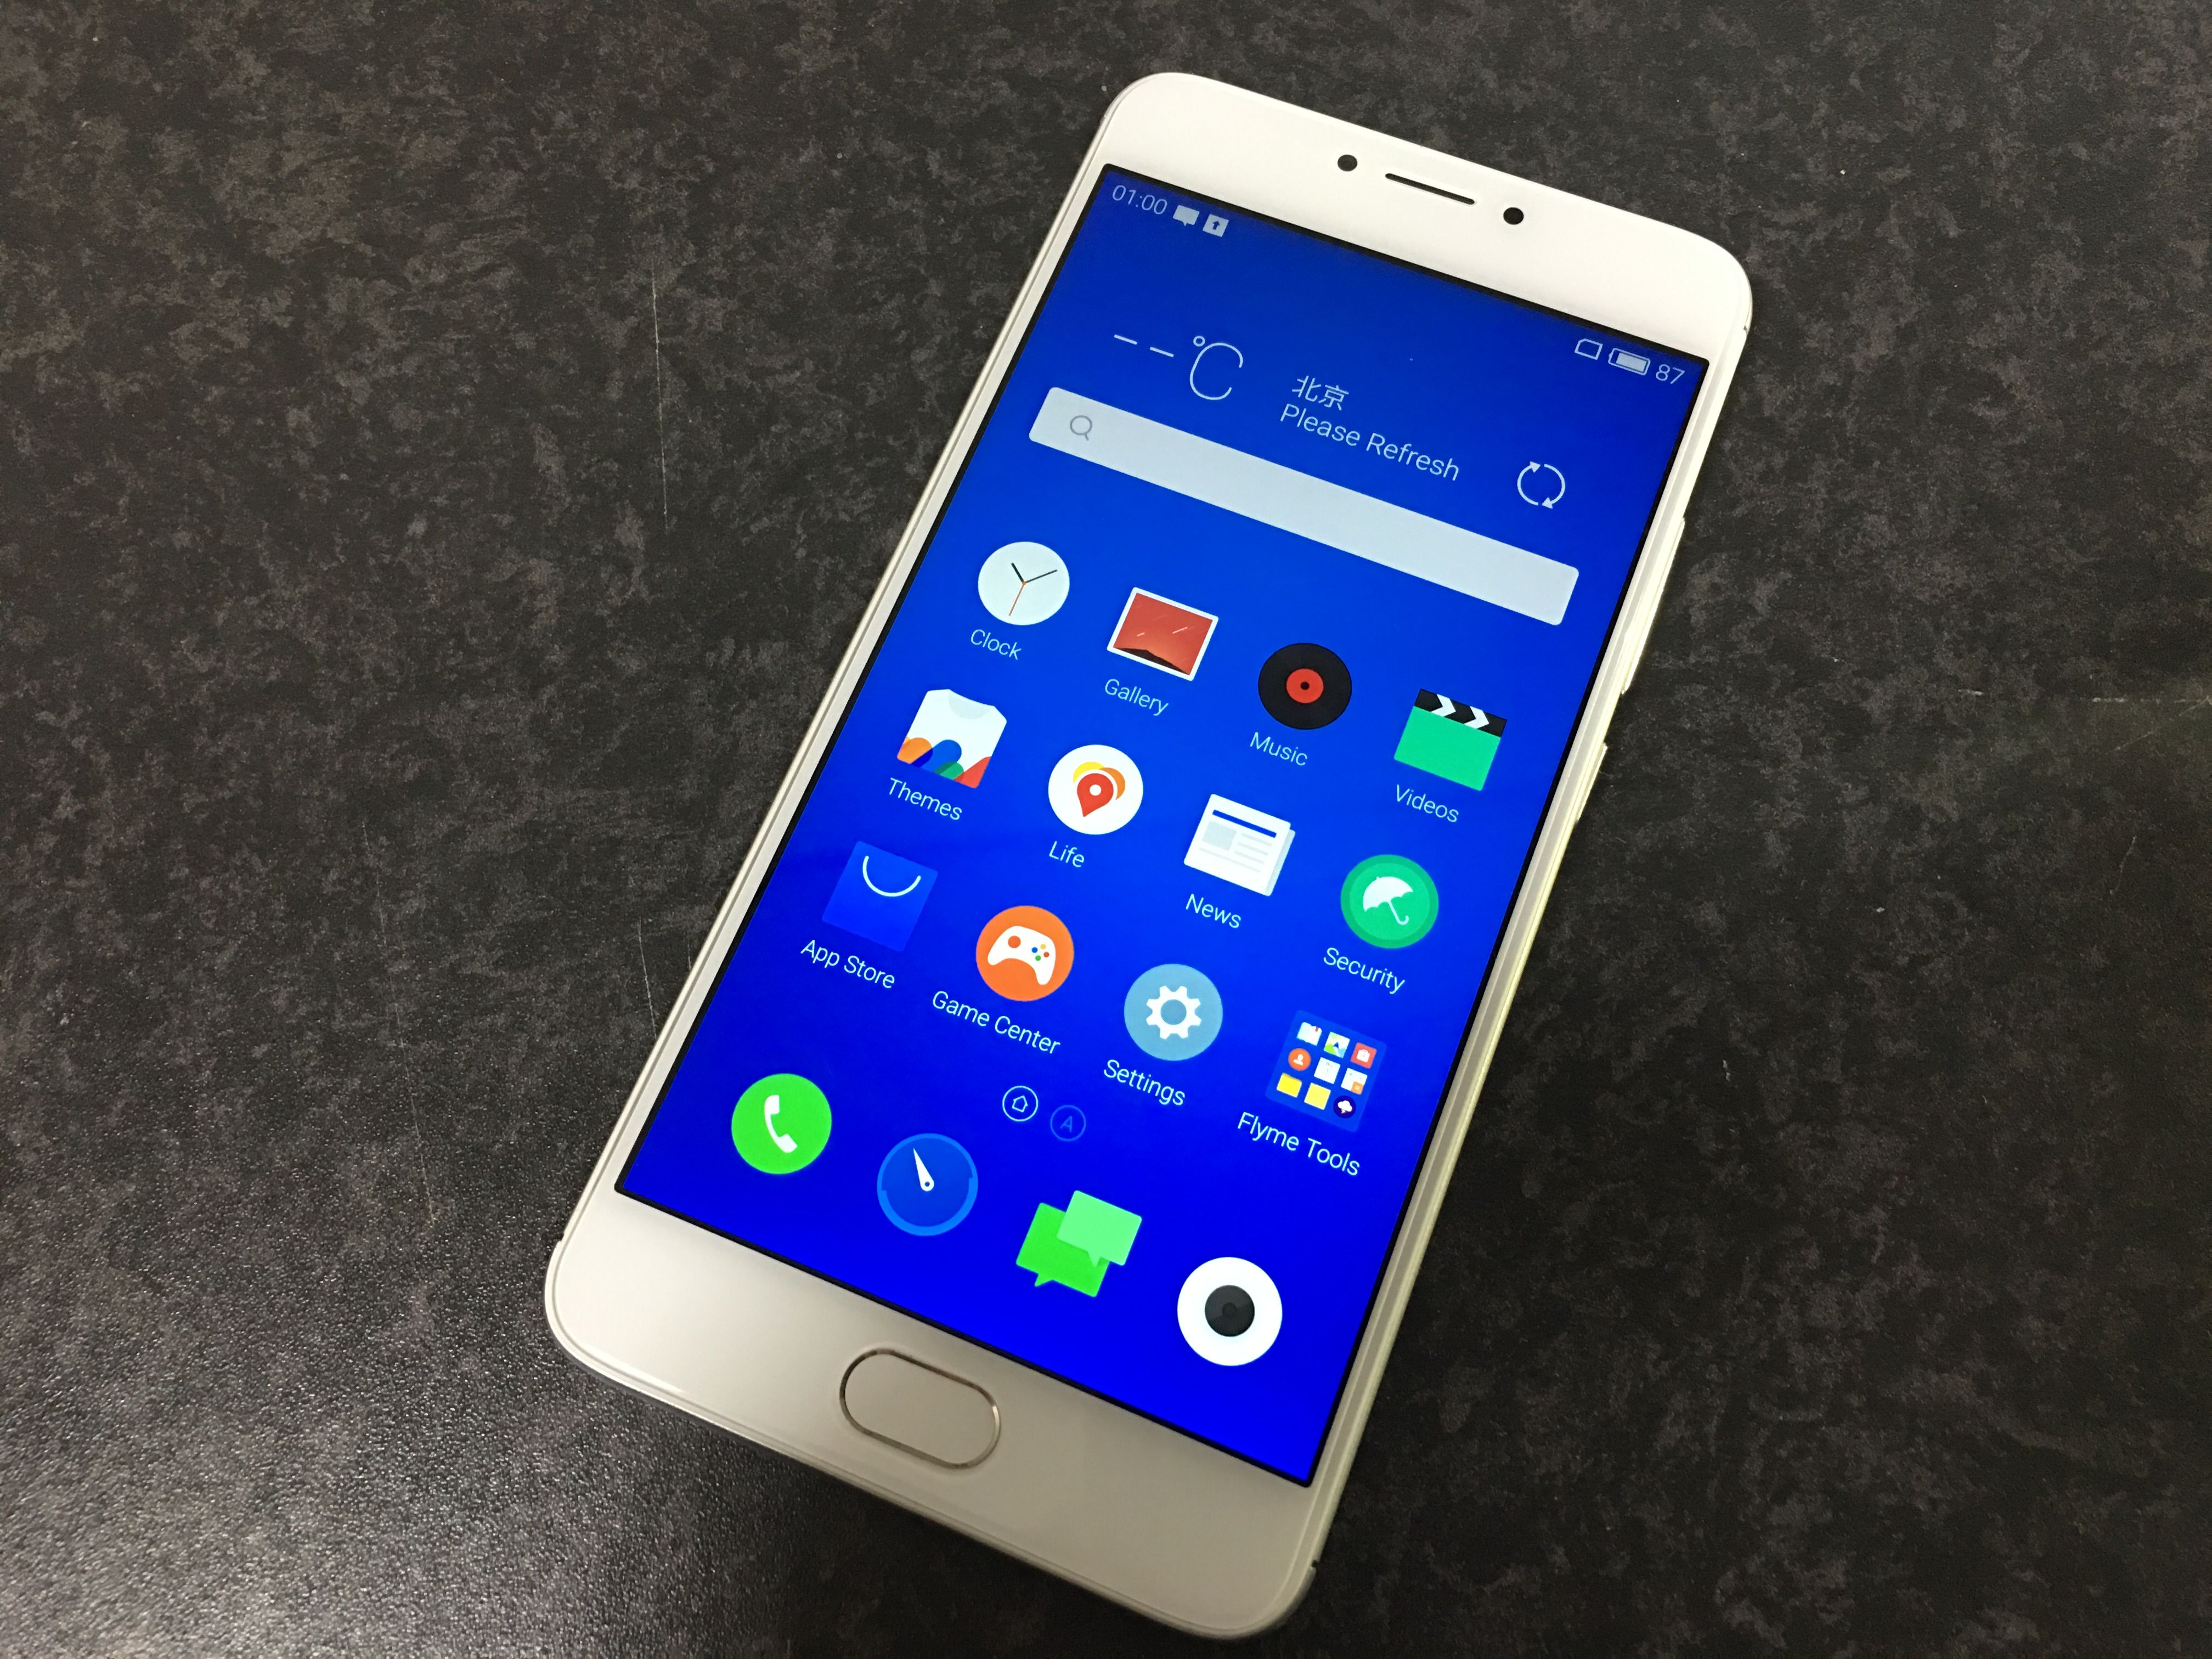 2016年度mシリーズスマートフォン、Meizu m3 note(3GB / 32GB)のフォトレビュー!